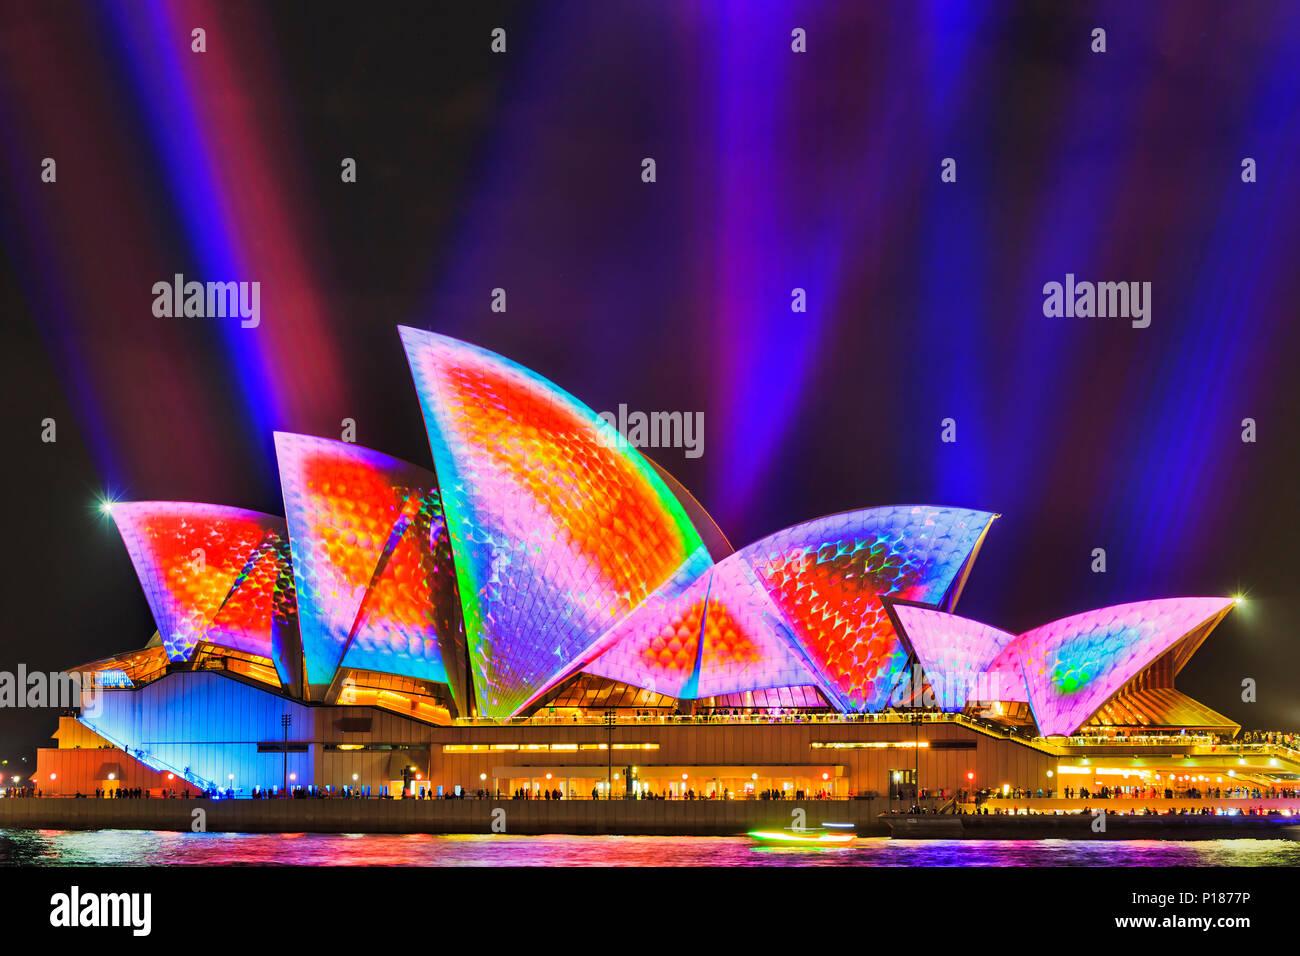 Sydney, Australien - 25. Mai, 2018: die Stadt Sydney Wahrzeichen von Sydney Opera House am Hafen am Wasser Licht während der jährlichen Light Show aus Musik, Li lackiert Stockbild